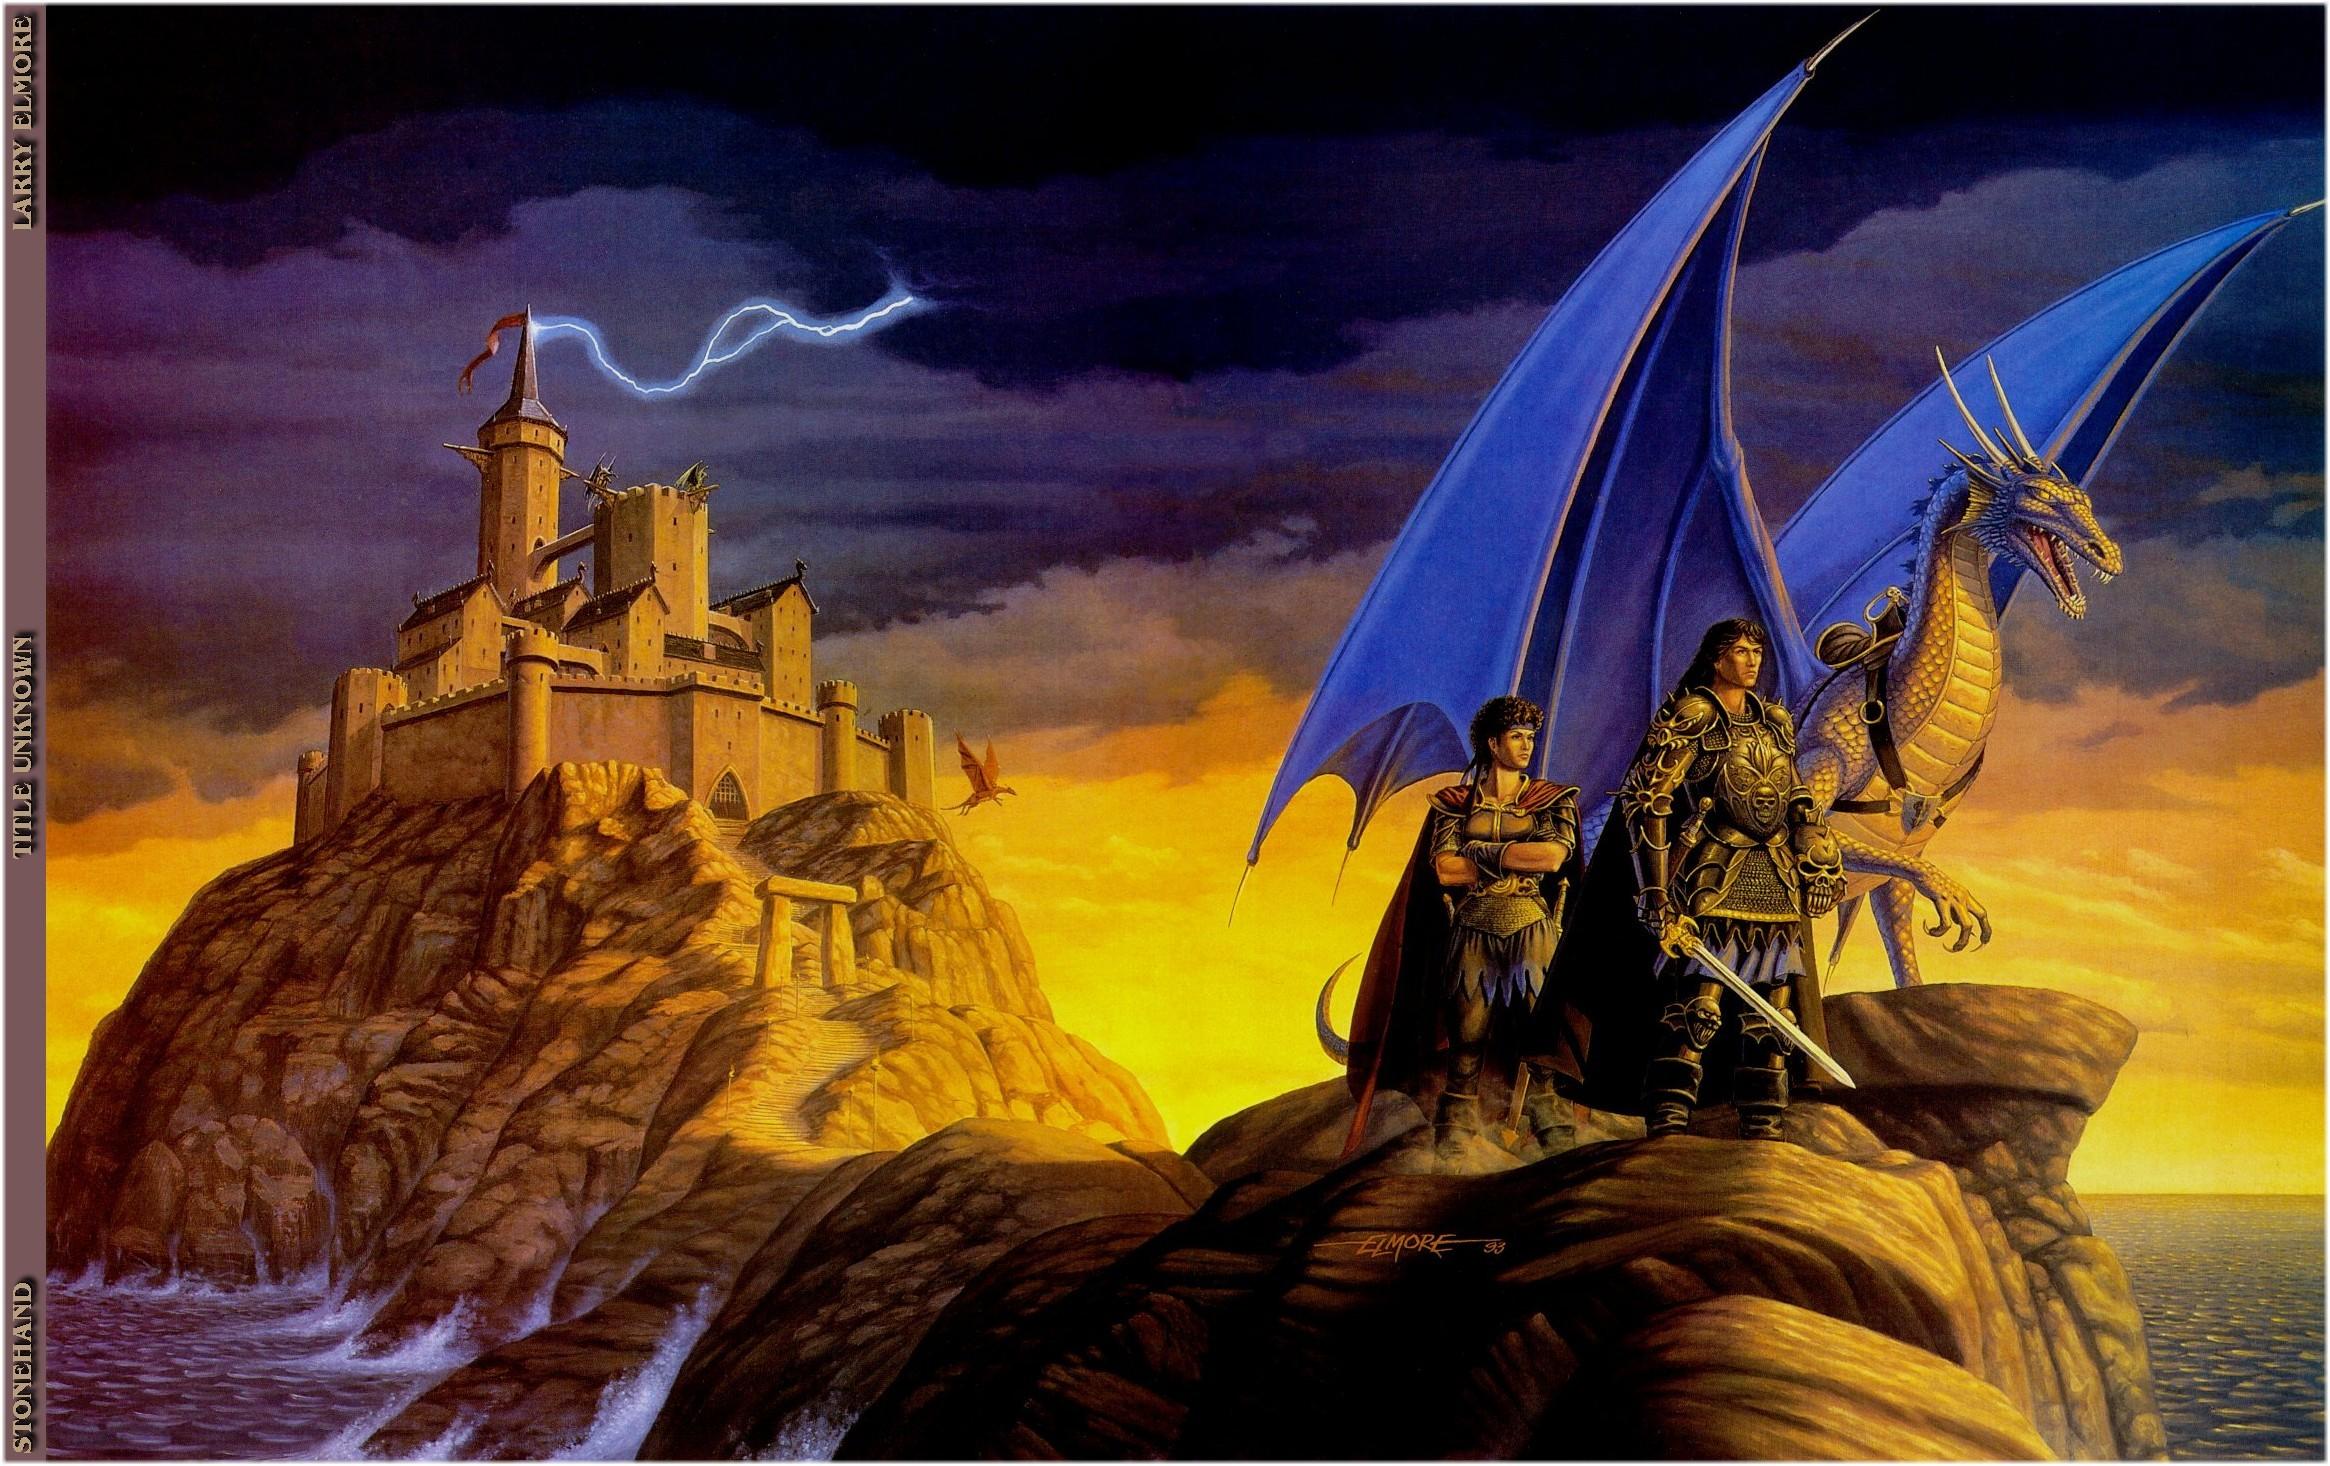 Download Fantasy Dragons Wallpaper 2330x1466 Wallpoper 2330x1466